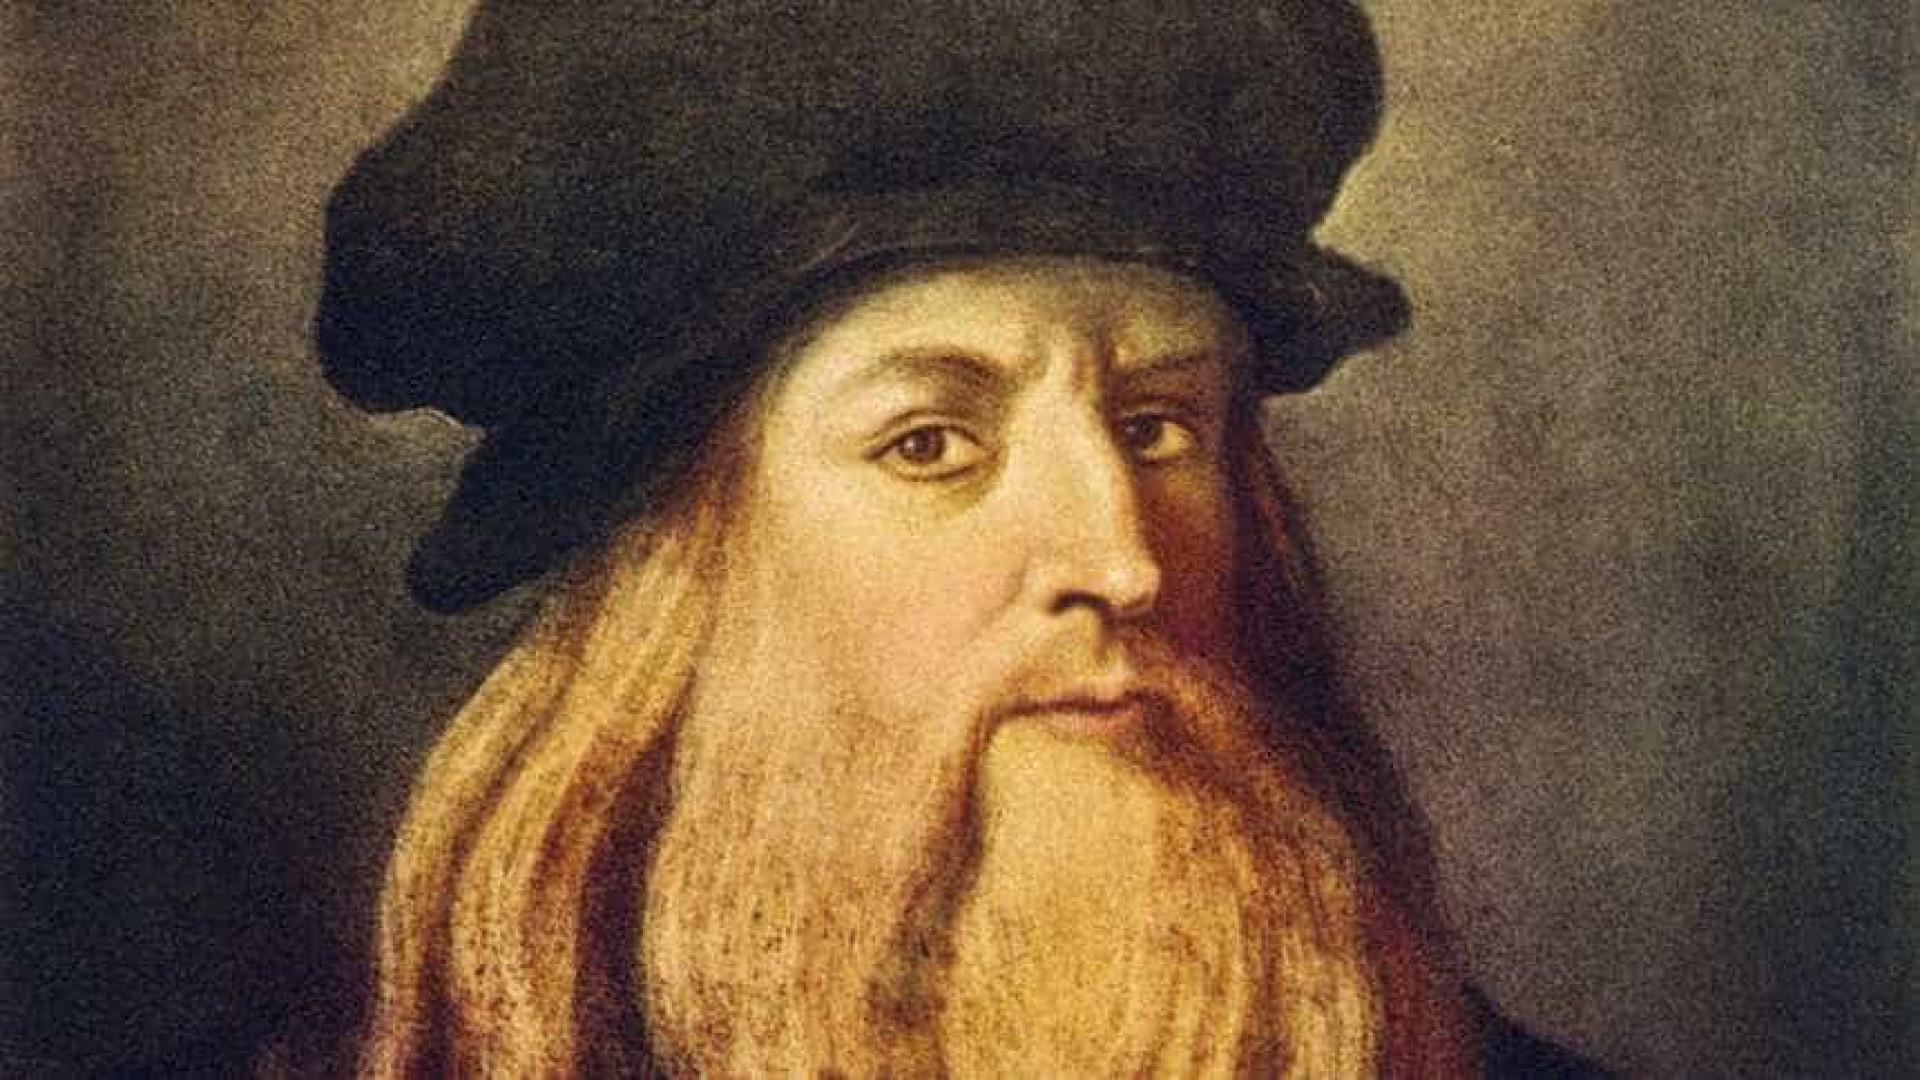 Da Vinci é destaque do calendário cultural da Itália em 2019